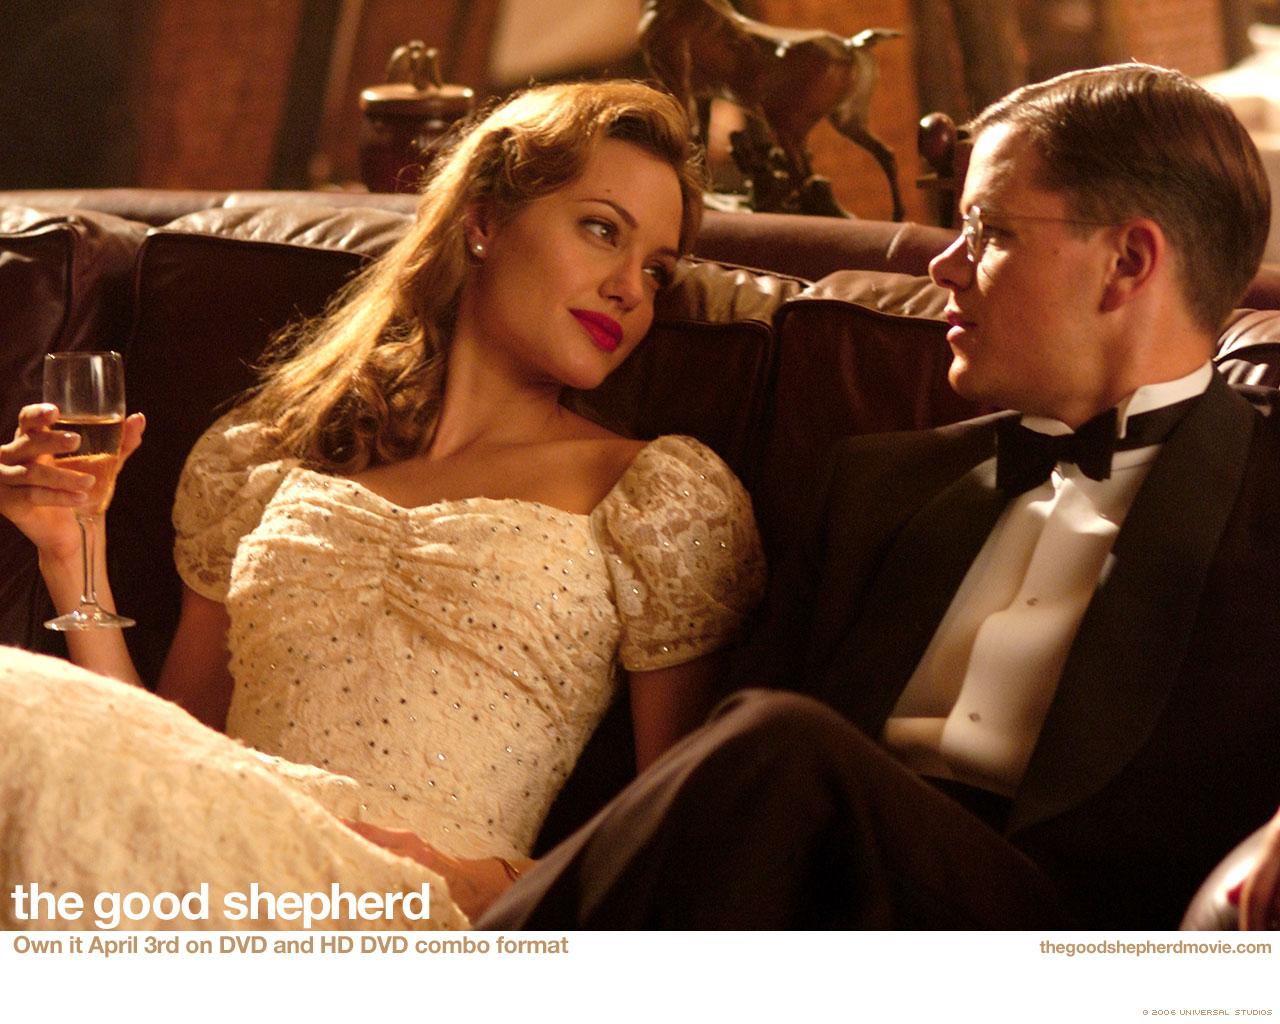 http://3.bp.blogspot.com/-AAPDvLRuT0g/T7drEI5AlAI/AAAAAAAAI6k/yT5xlW1GlTM/s1600/Angelina_Jolie,_Matt_Damon+The_Good_Shepherd,_2006,_.jpg